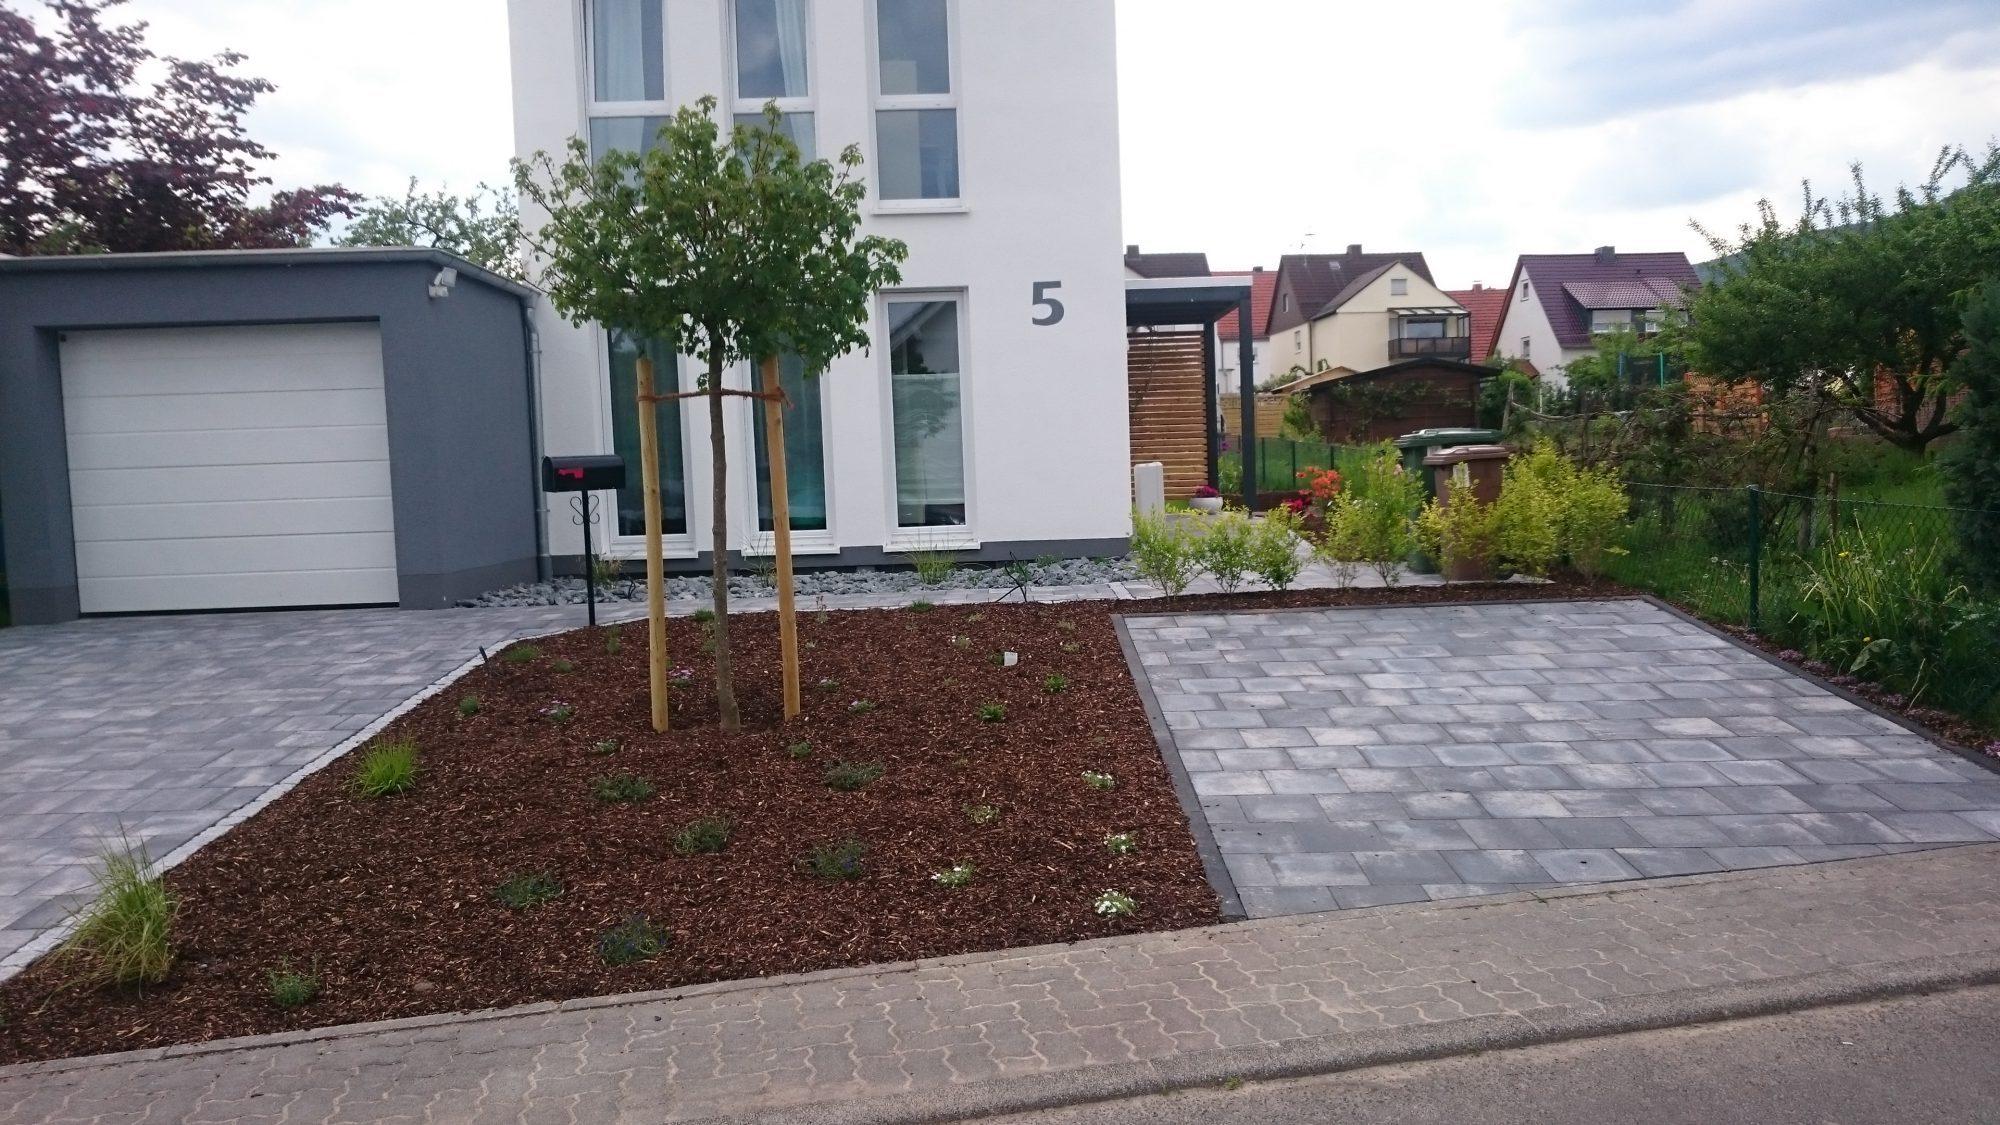 Döring-Gartengestaltung Vorgarten